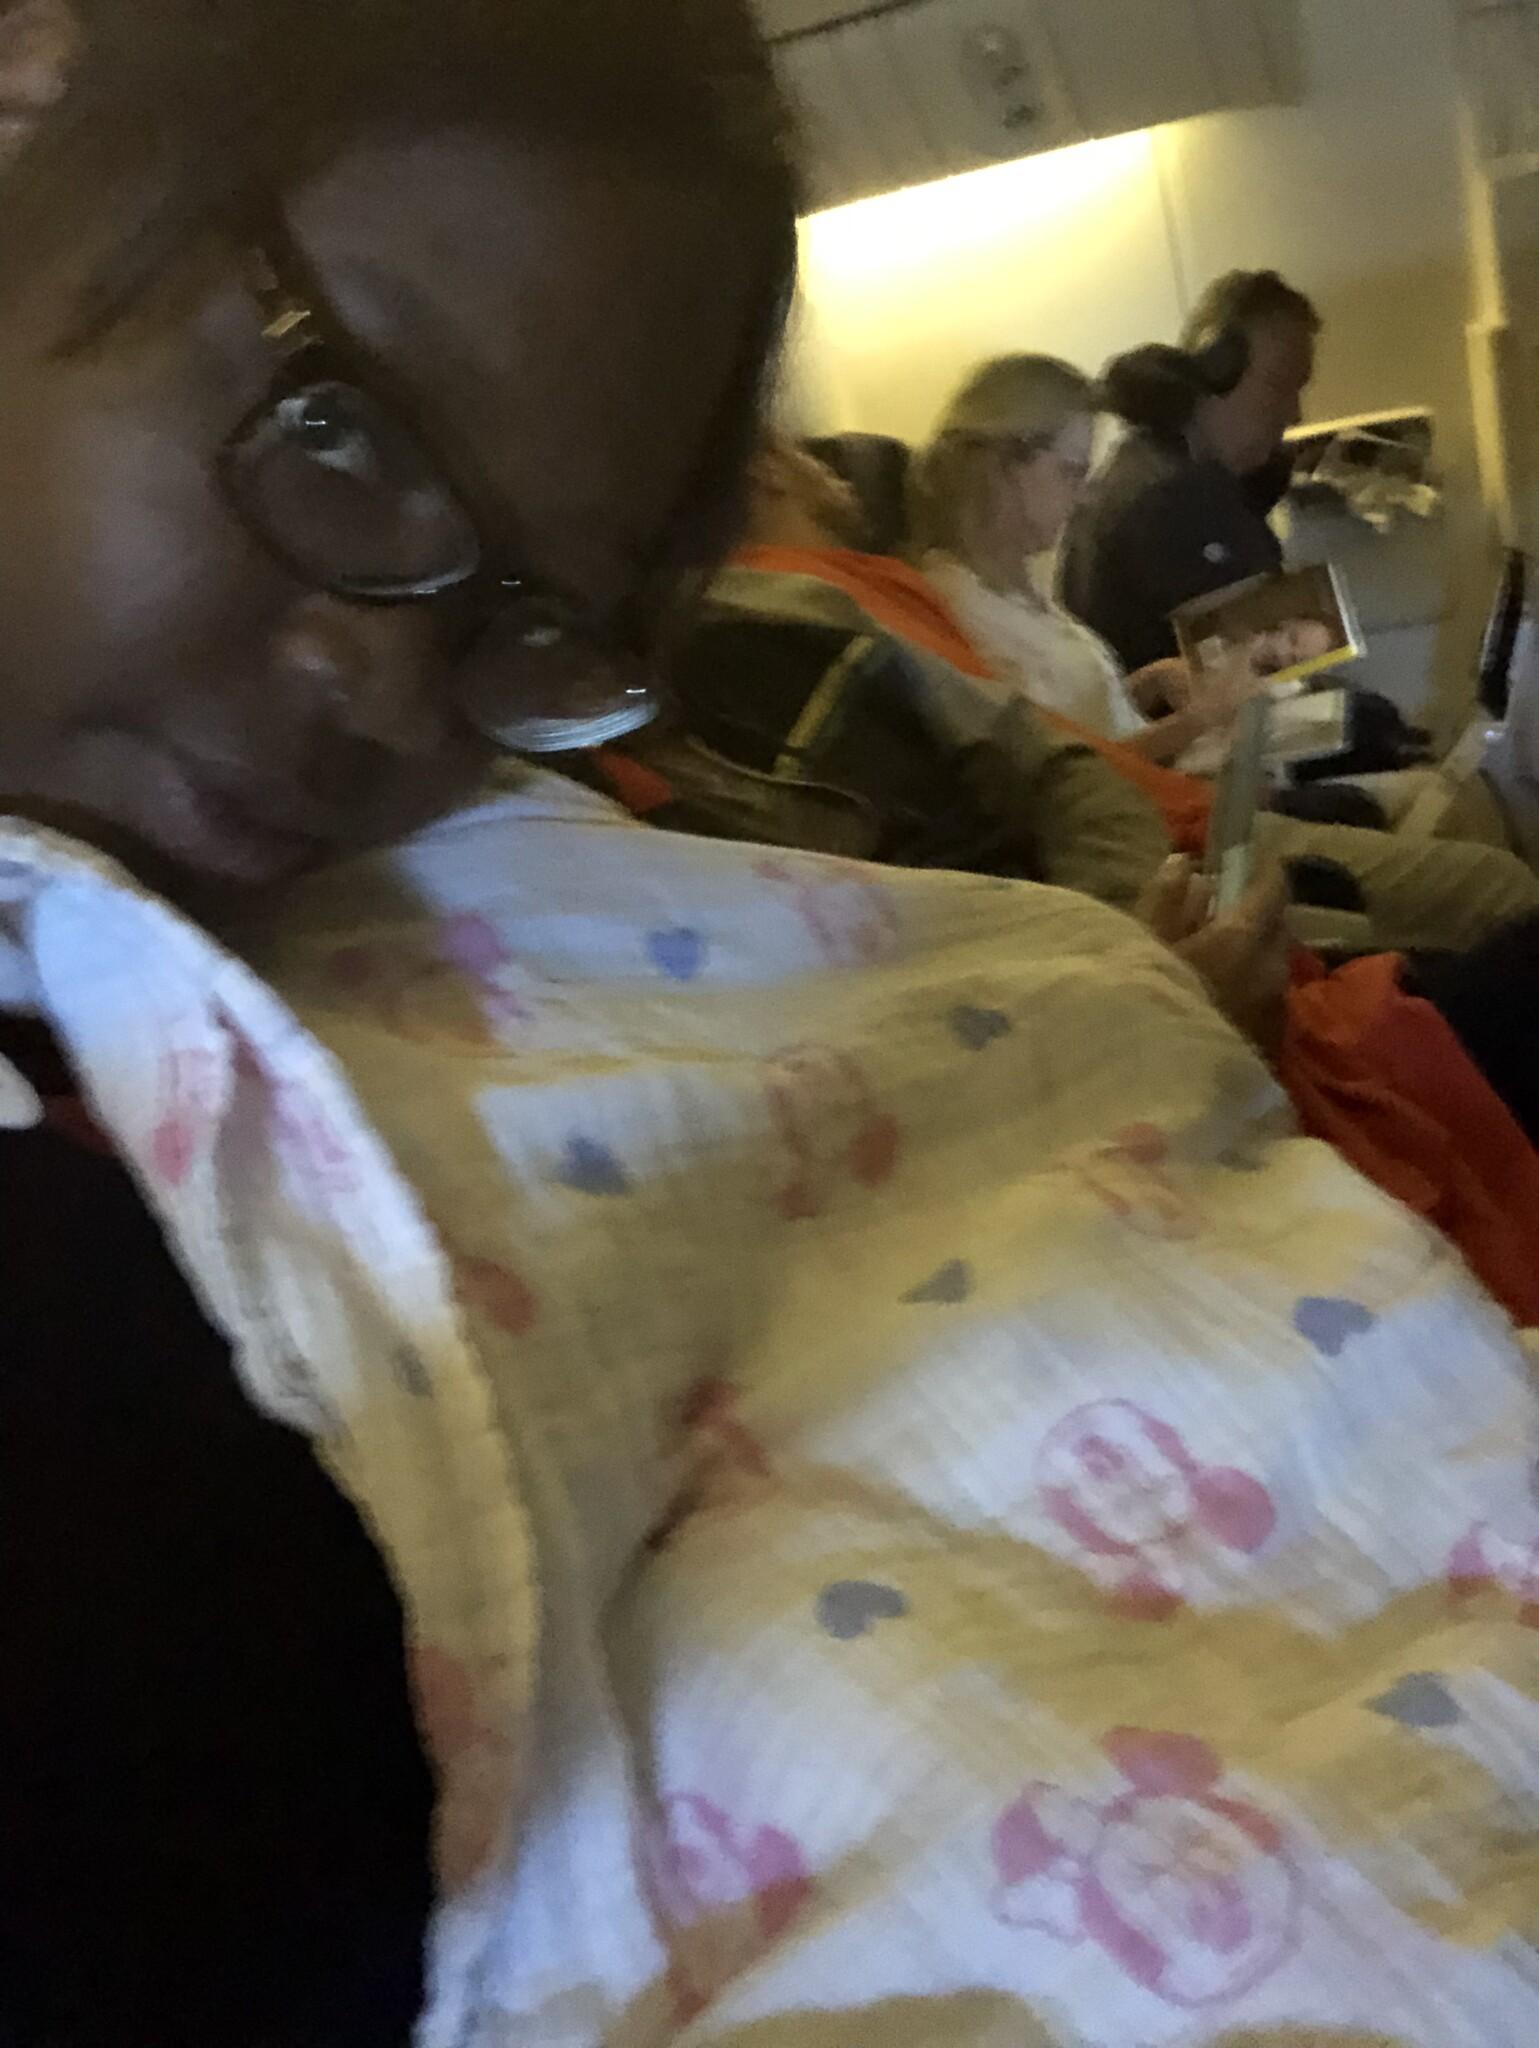 2 semaines en Floride avec un bébé de 1 an - Séjour du 2 au 16 mai 2019 DCL + WDW - Page 18 IMG_1462-1539x2048